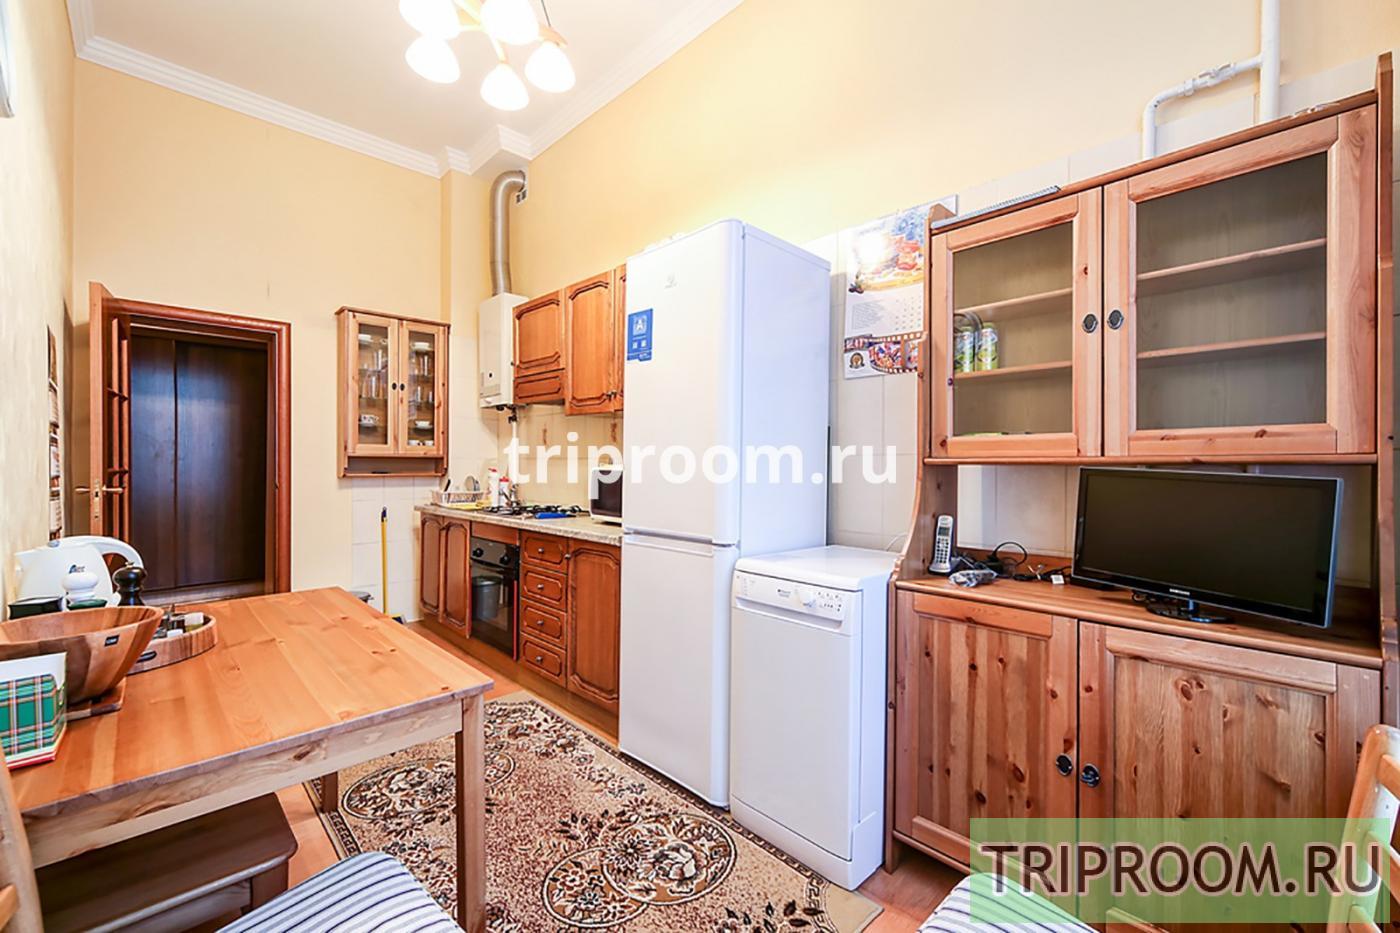 4-комнатная квартира посуточно (вариант № 20160), ул. Реки Мойки набережная, фото № 29